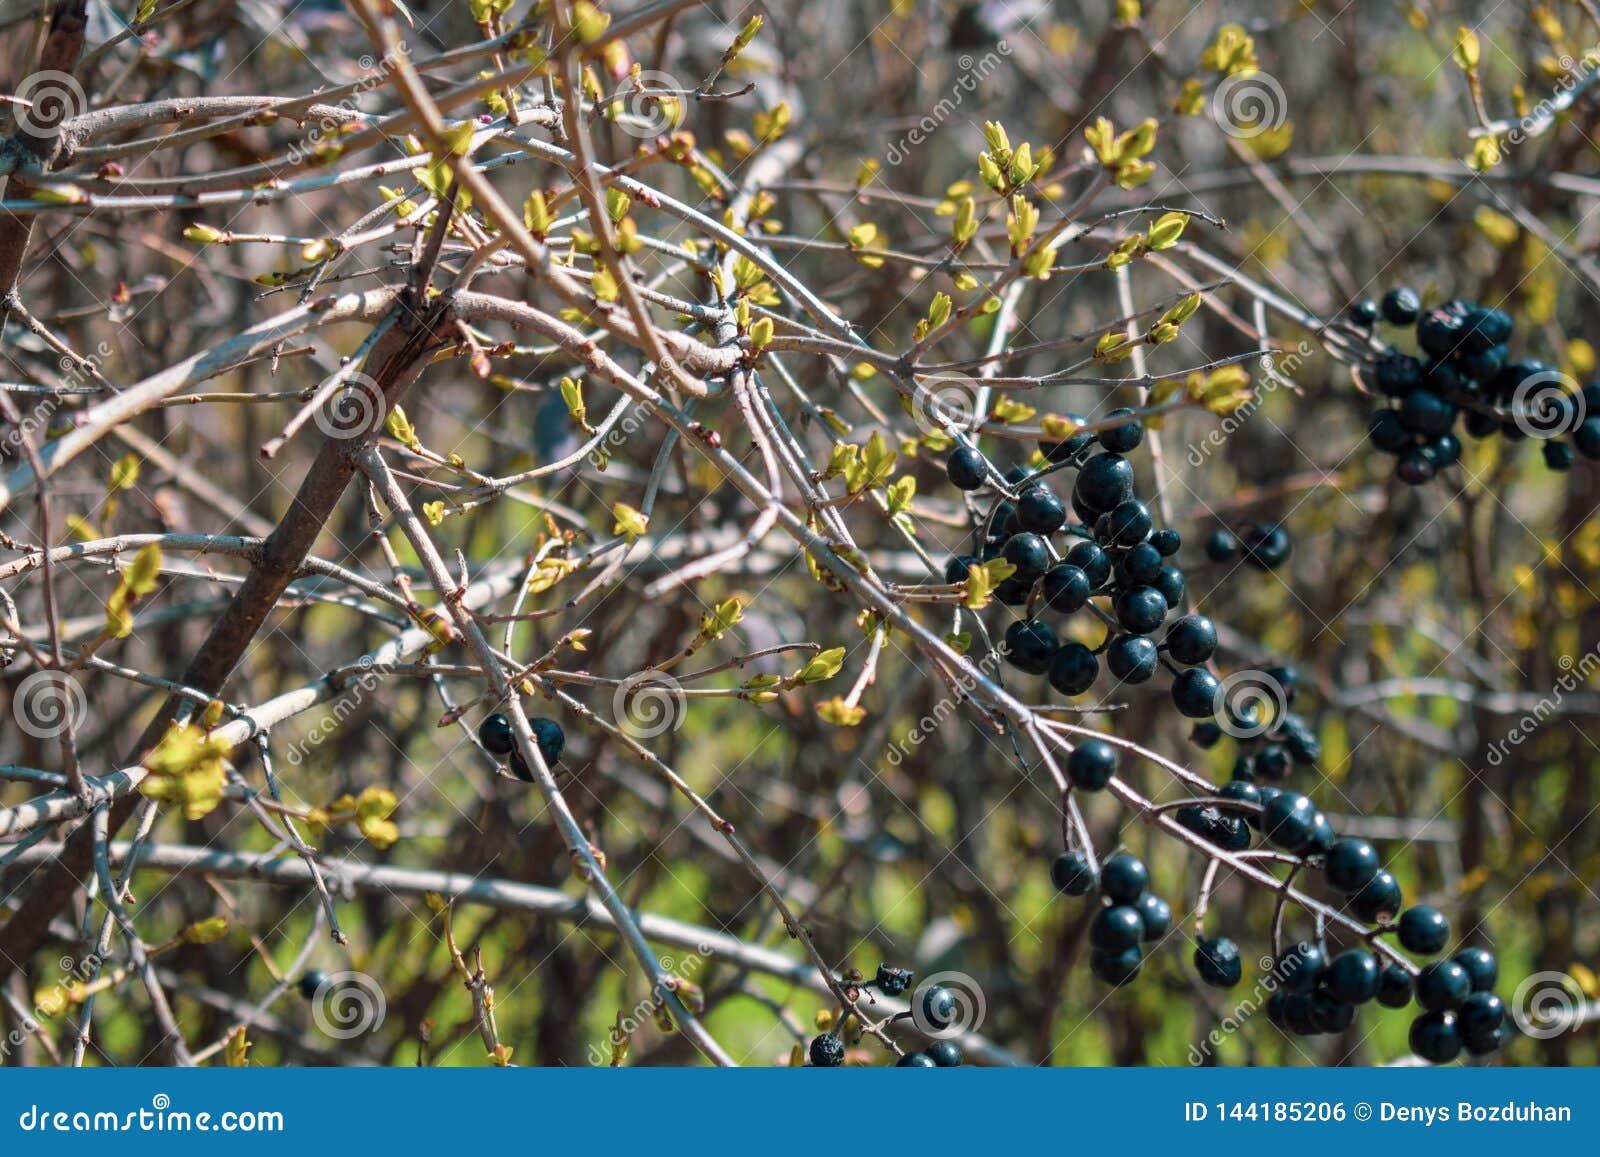 Dzikie czarne jagody na dekoracyjnym krzaku